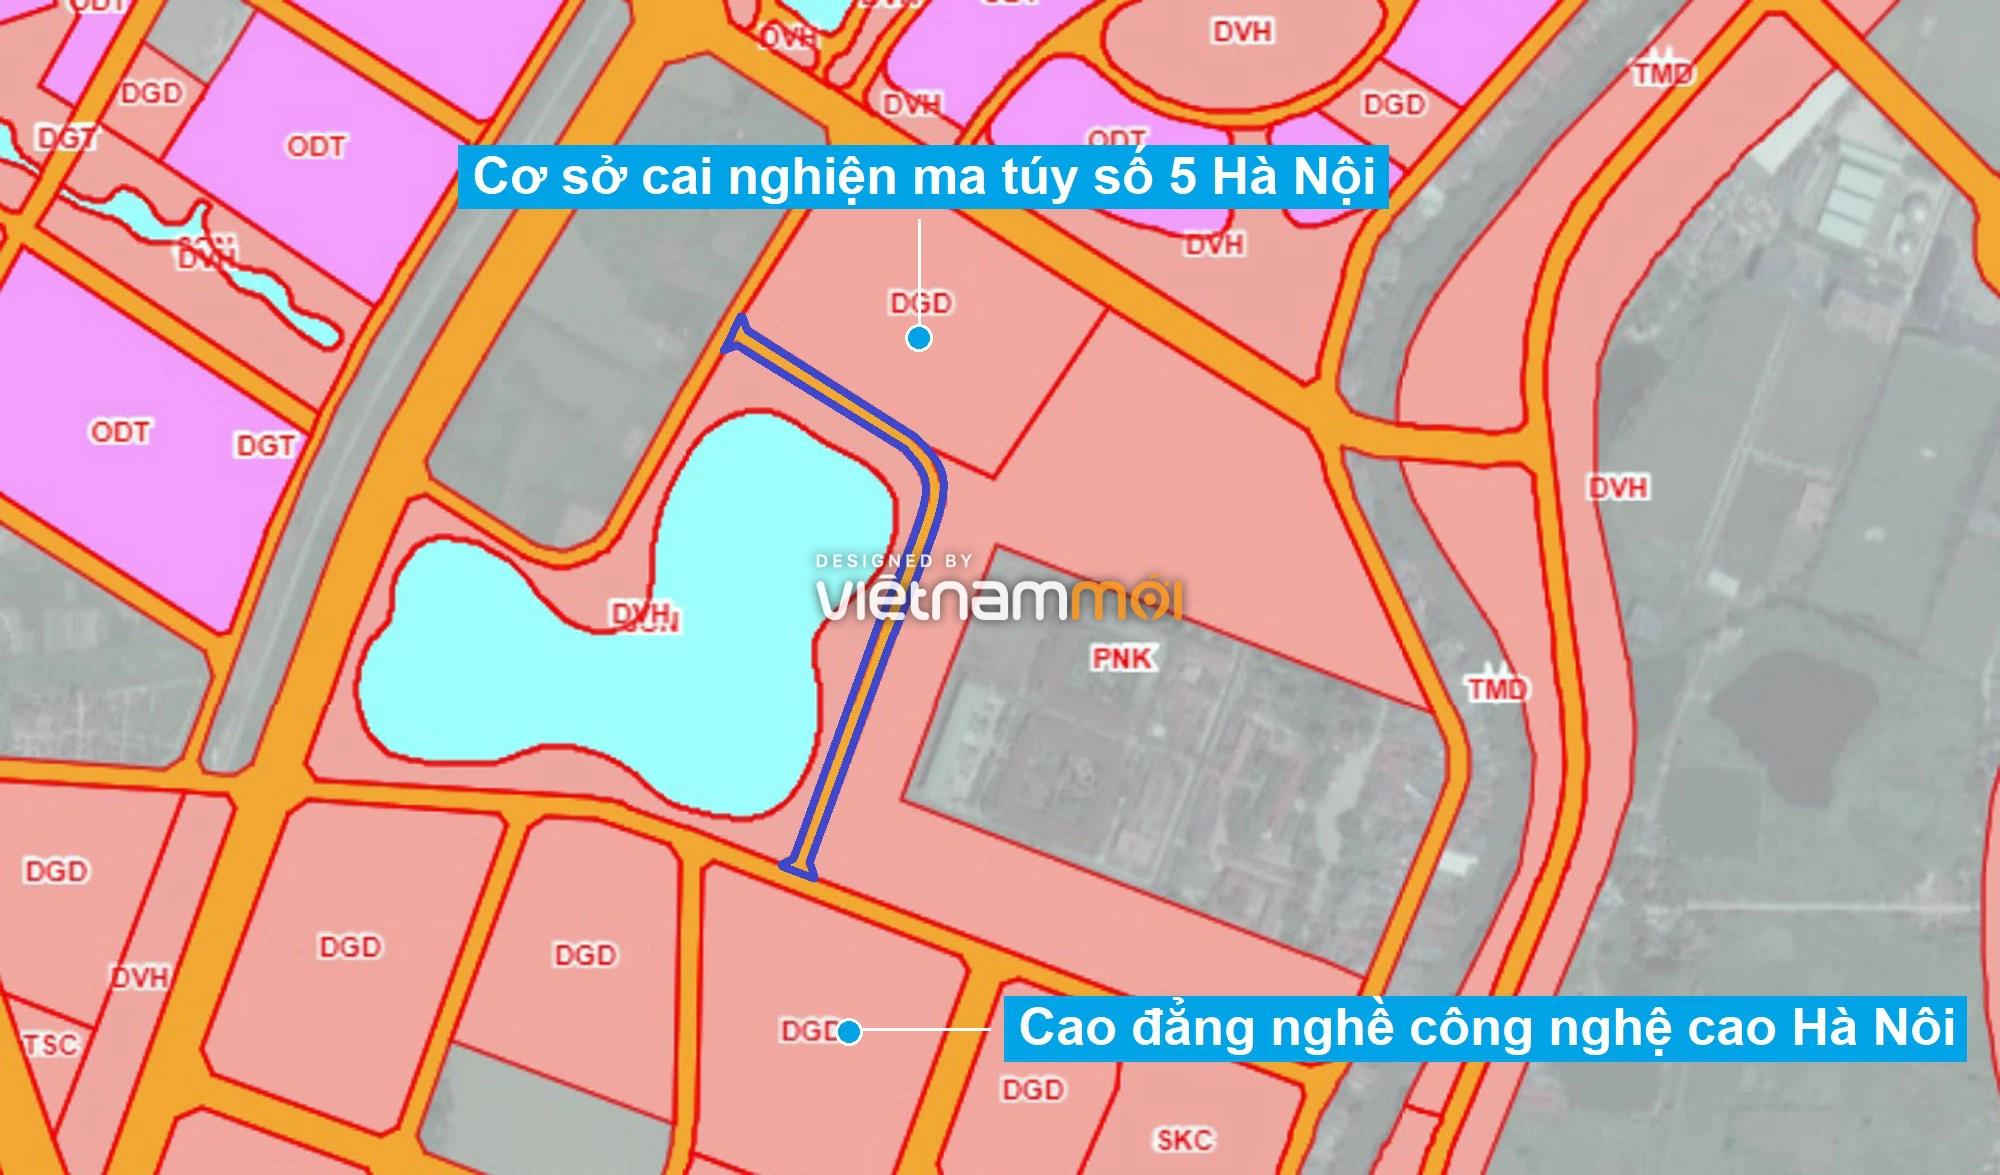 Những khu đất sắp thu hồi để mở đường ở phường Xuân Phương, Nam Từ Liêm, Hà Nội (phần 8) - Ảnh 7.